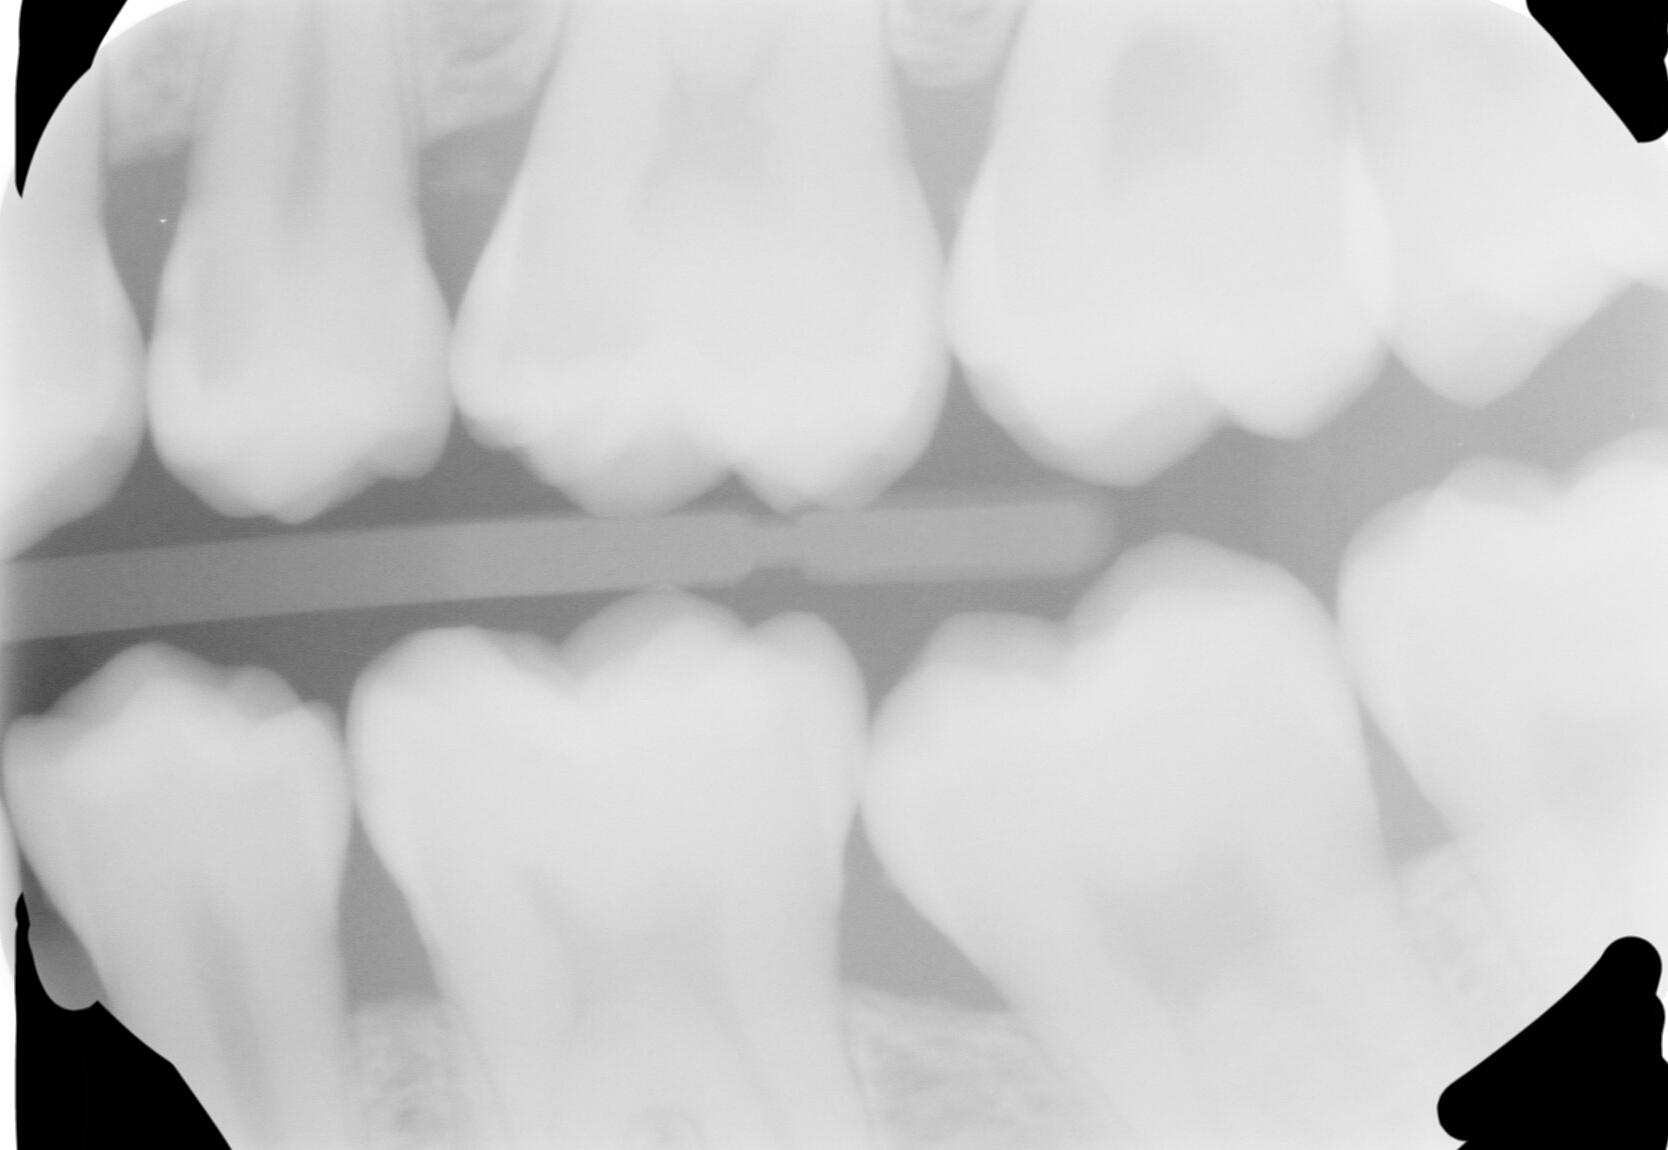 È veramente impossibile ripulire un dente del giudizio?